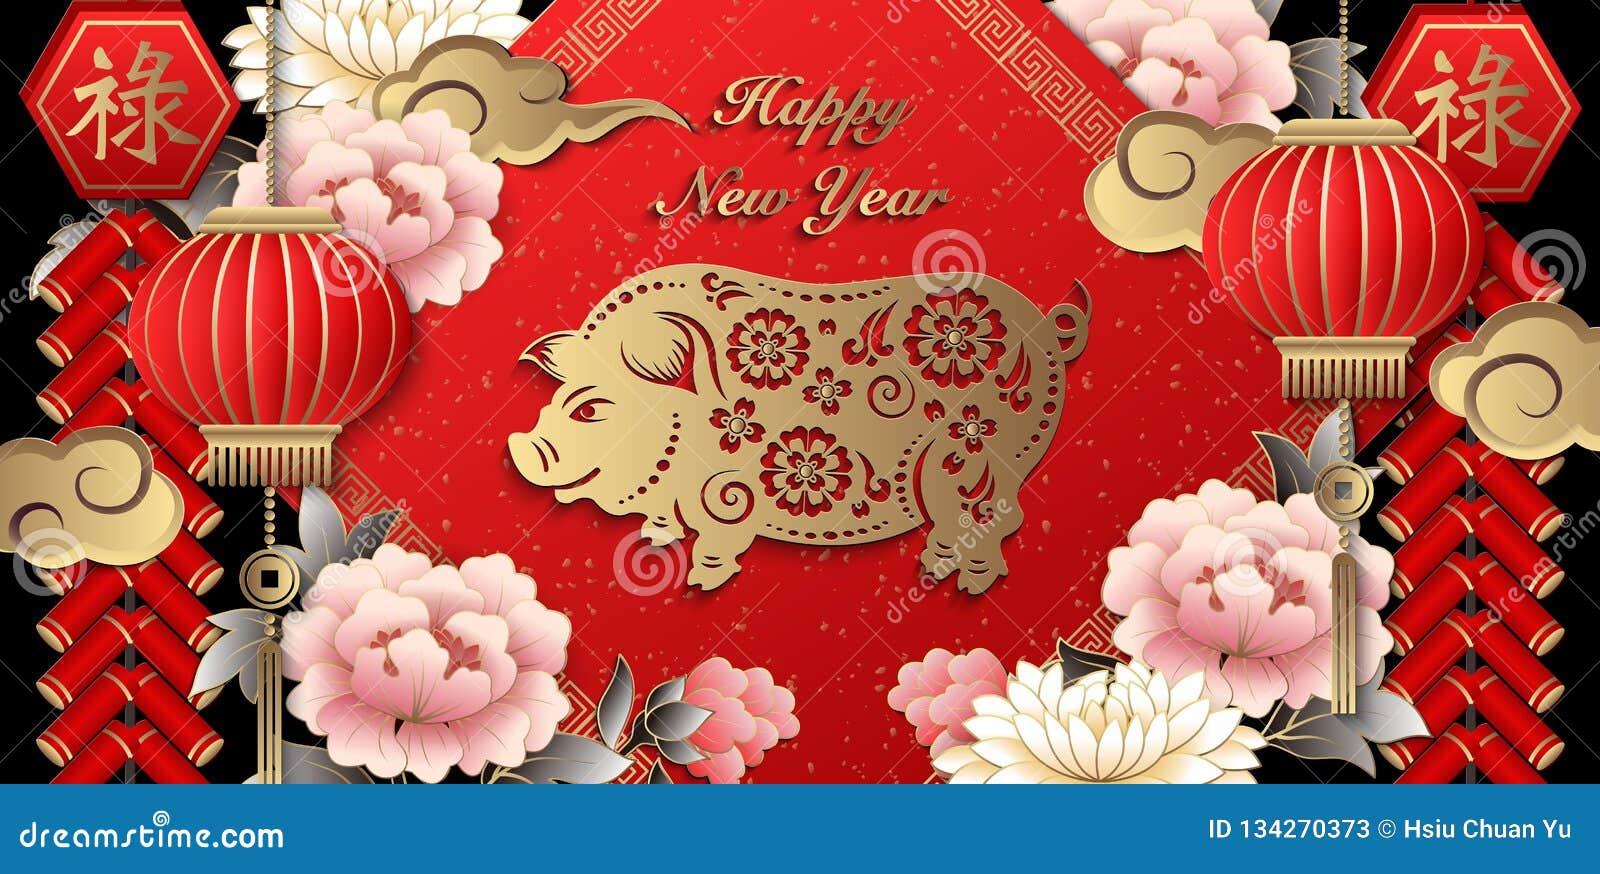 愉快的春节减速火箭的金子安心花灯笼云彩猪和爆竹